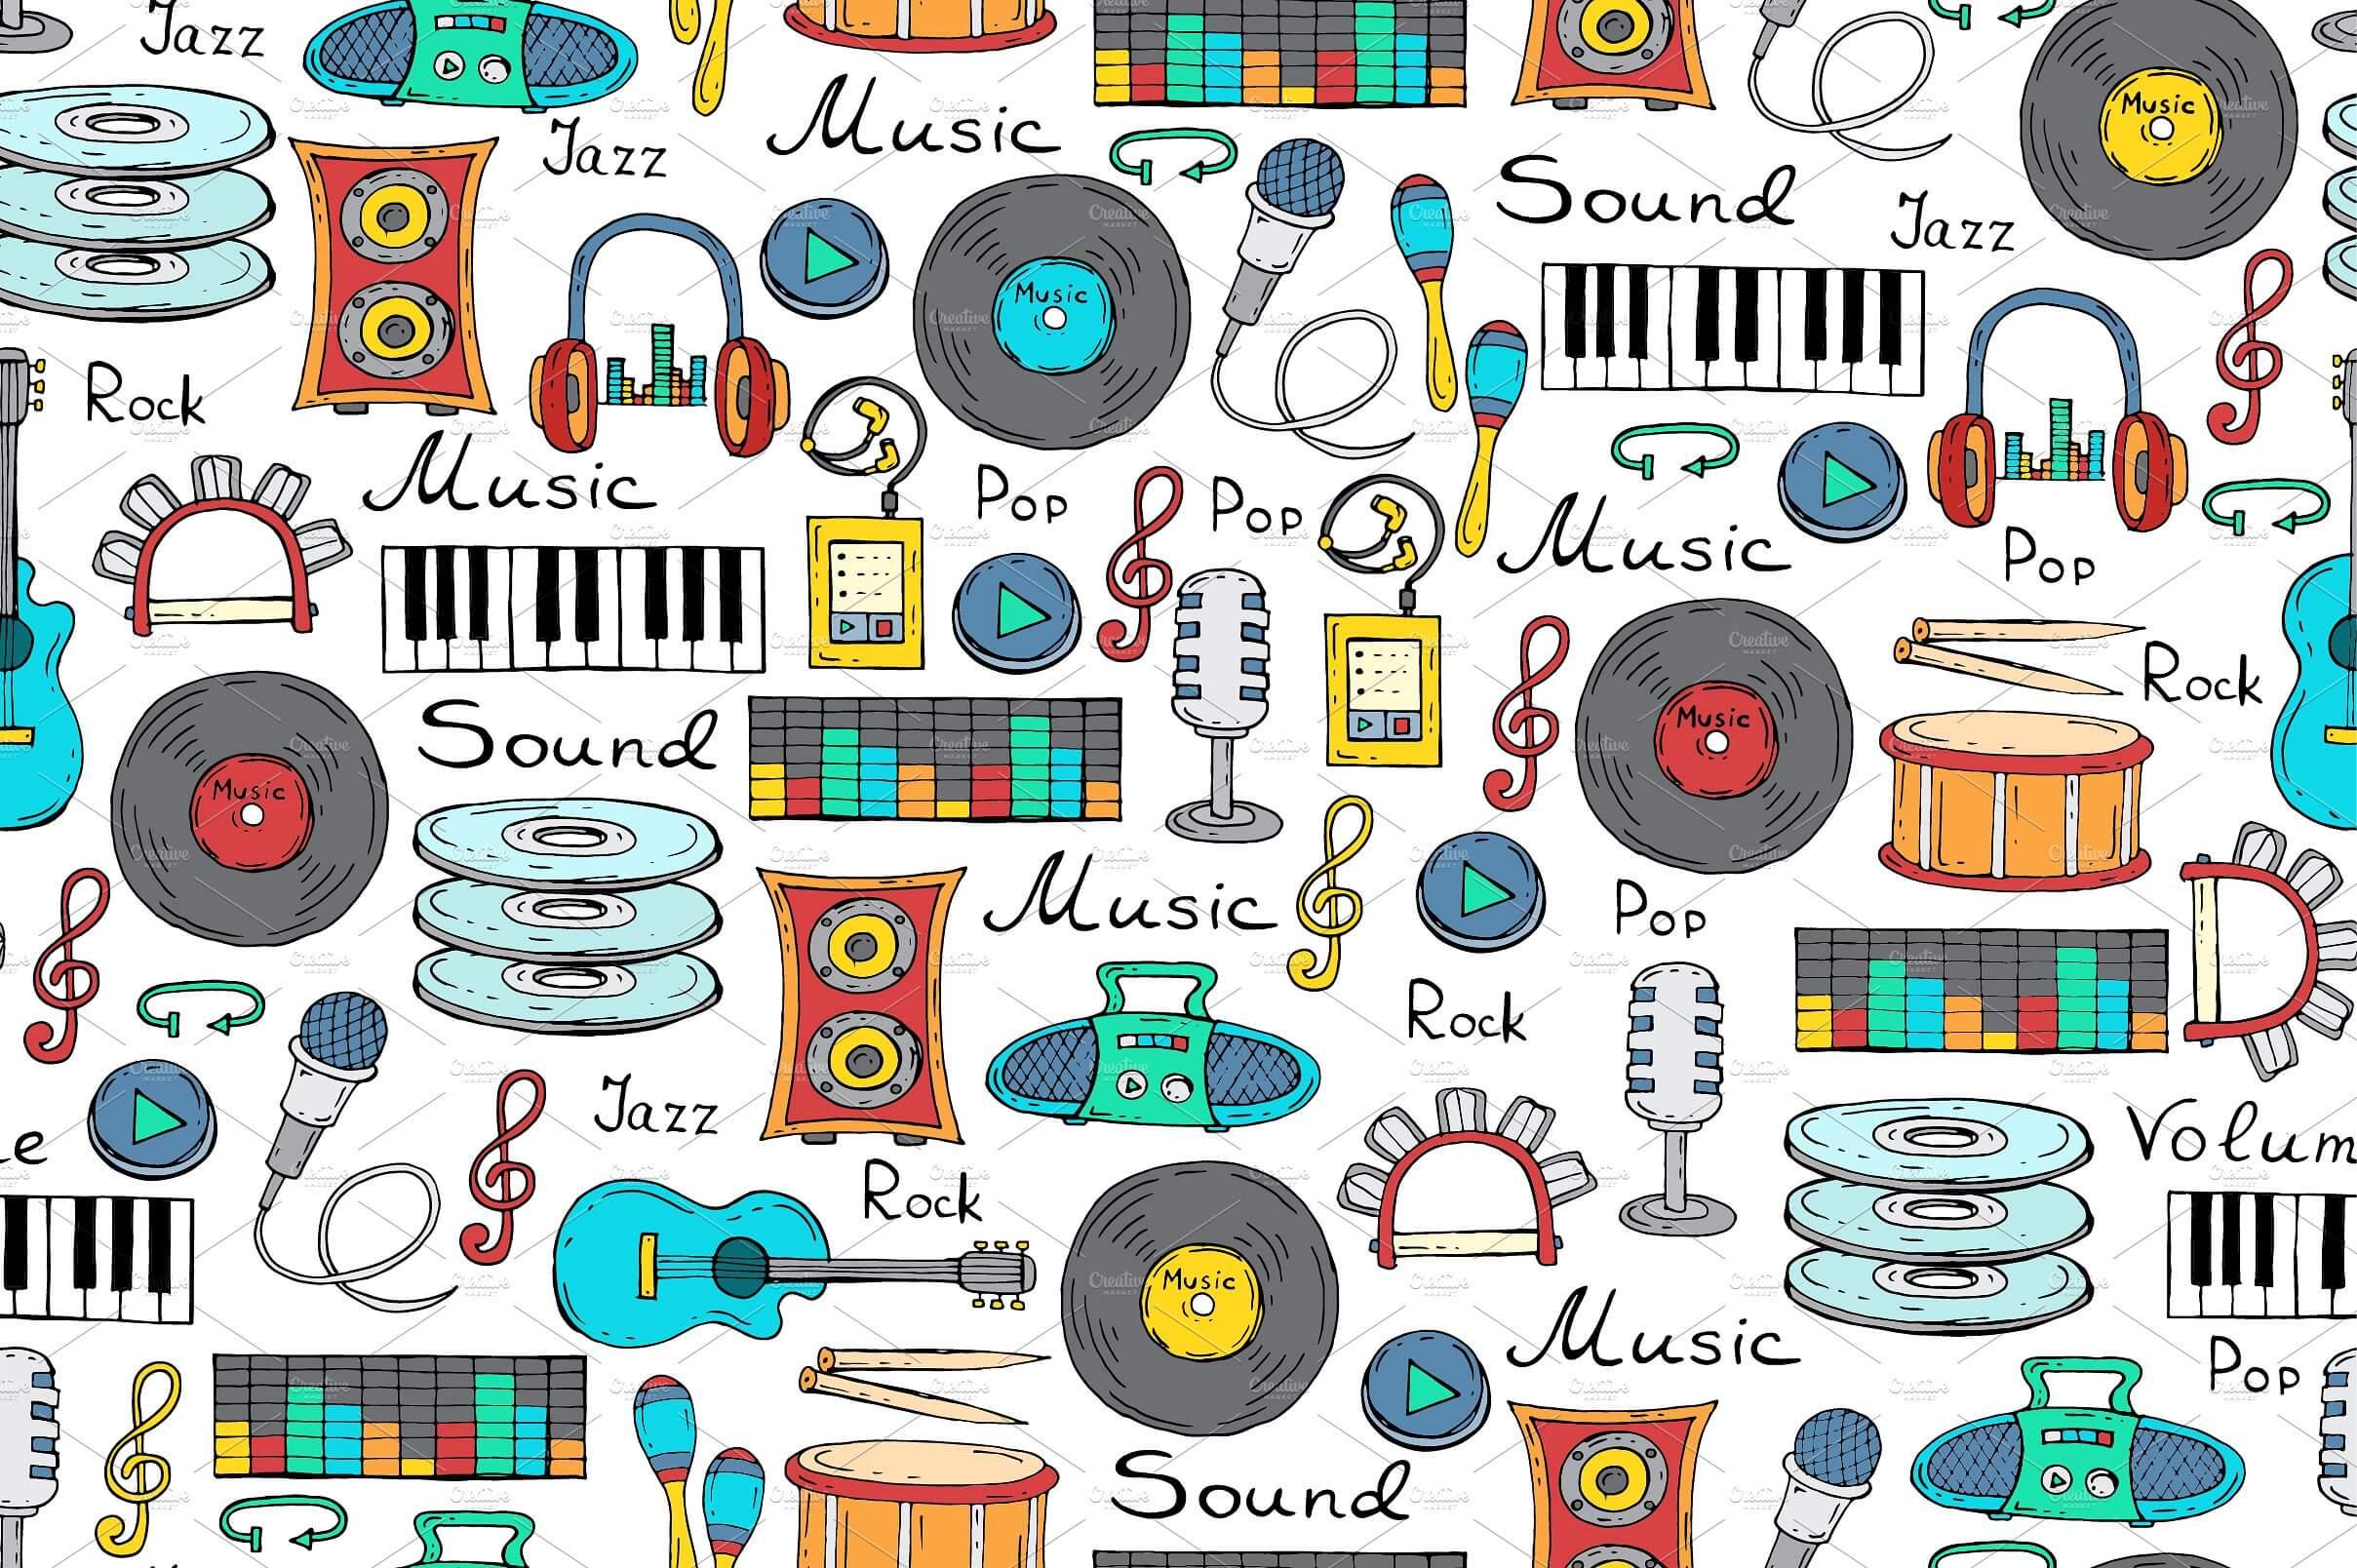 Hóa ra bộ não của chúng ta cũng yêu âm nhạc! Dưới đây là một số cách khoa học đã phát hiện ra rằng âm nhạc tốt cho não bộ của chúng ta như thế nào.